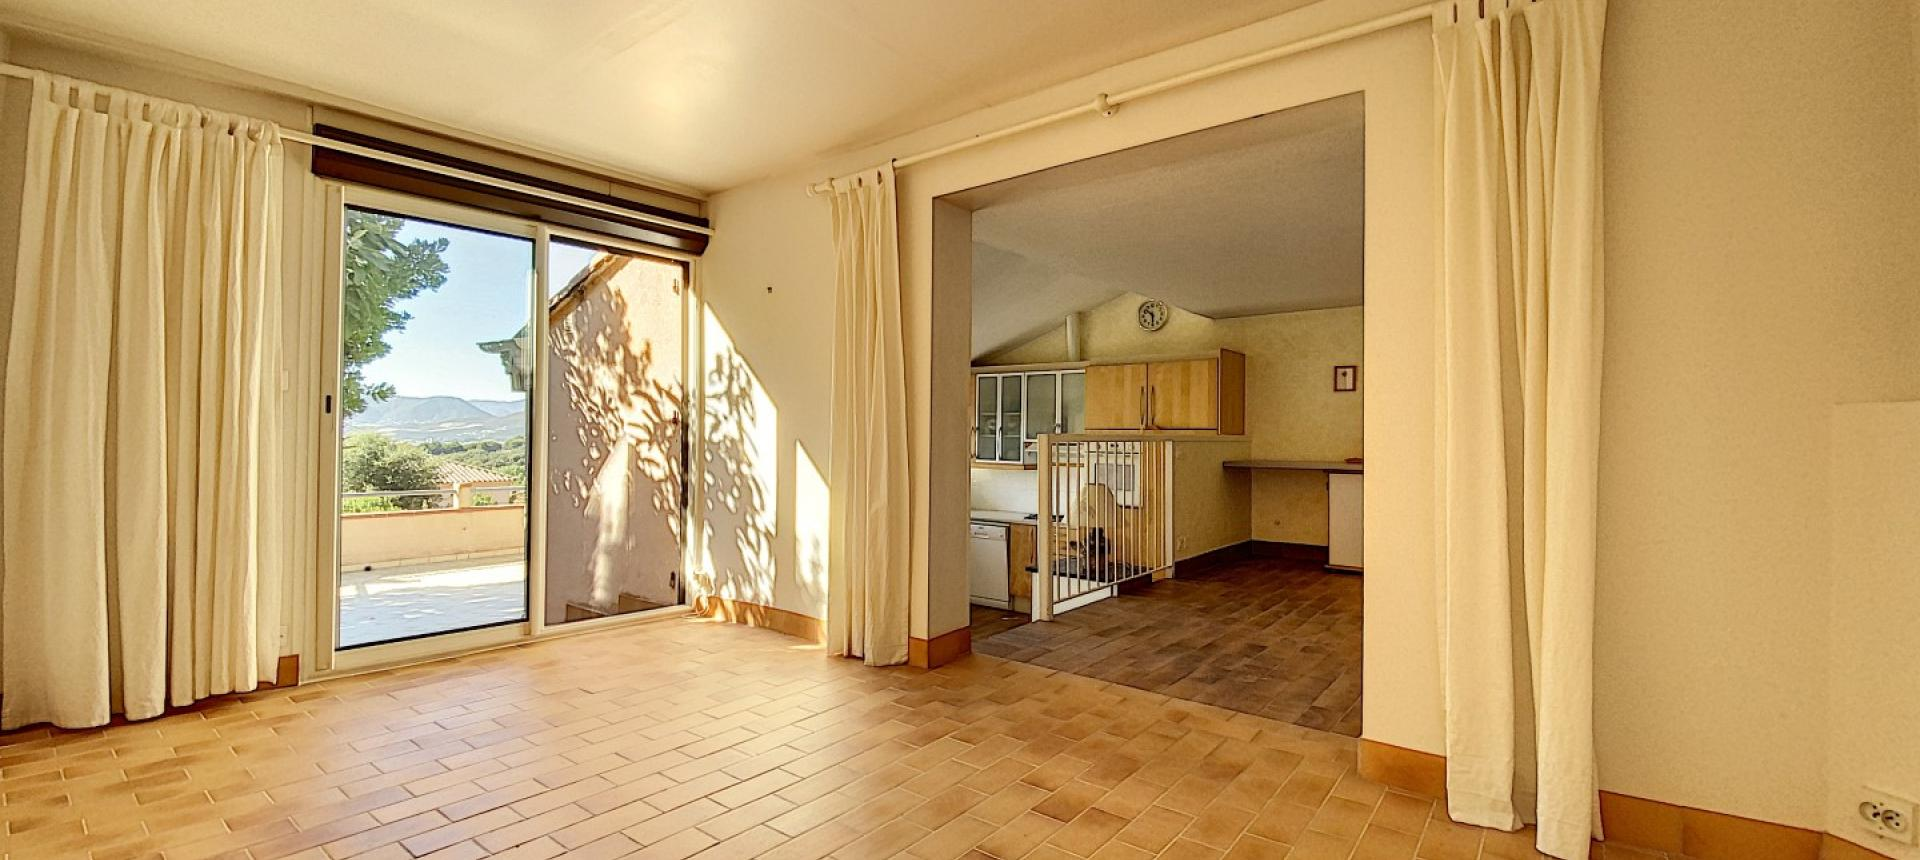 Maison à vendre à Porticcio - Rive sud Ajaccio- Sejour